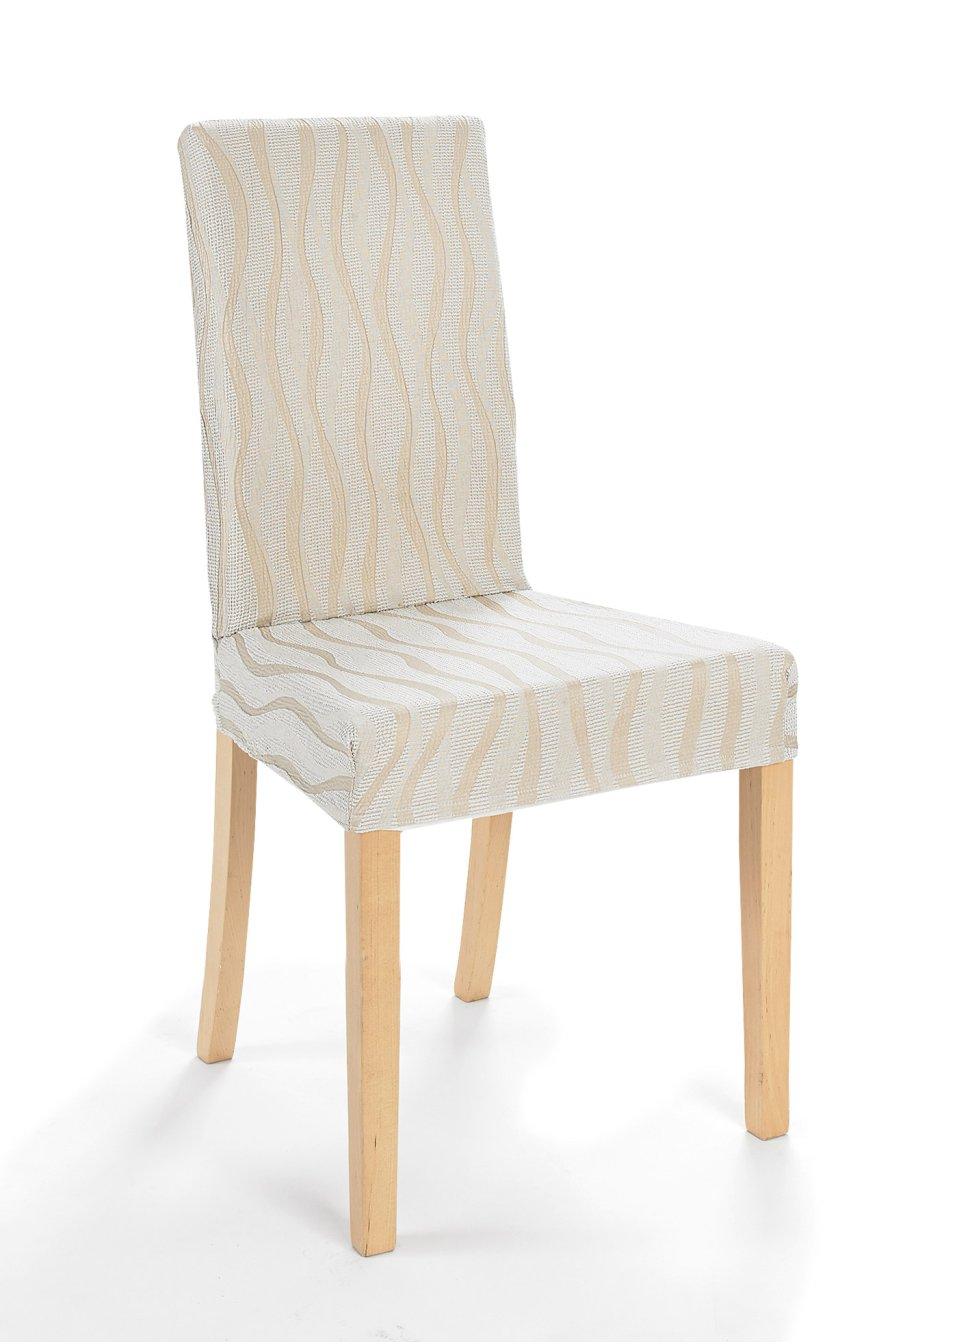 Housse de chaise vienna beige maison - Housse de chaise beige ...